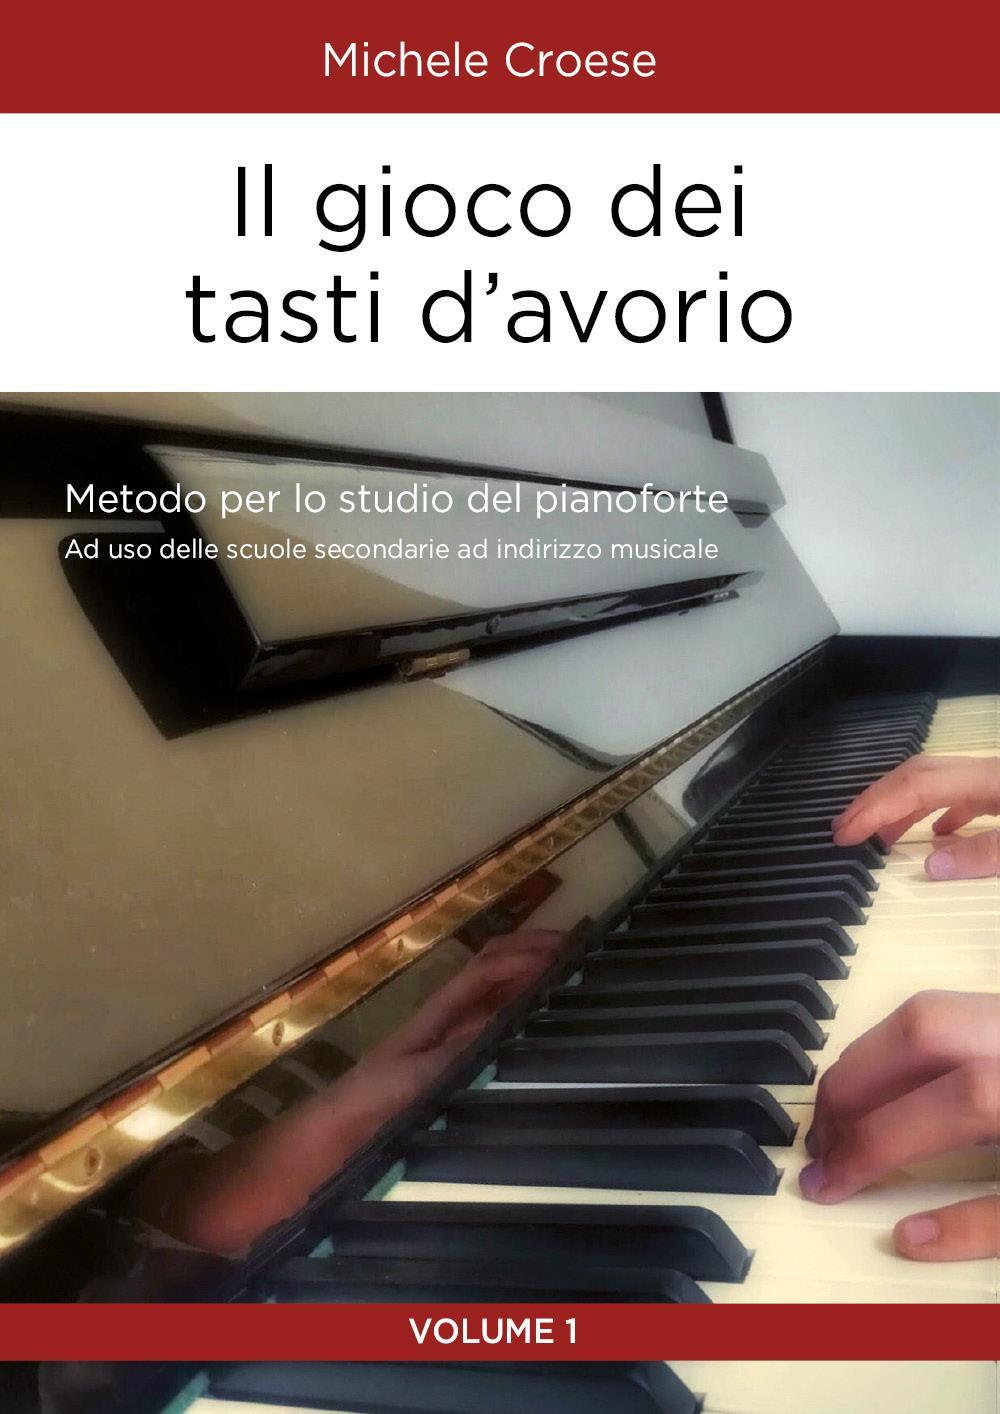 Il gioco dei tasti d'avorio. Metodo per lo studio del pianoforte. Volume 1